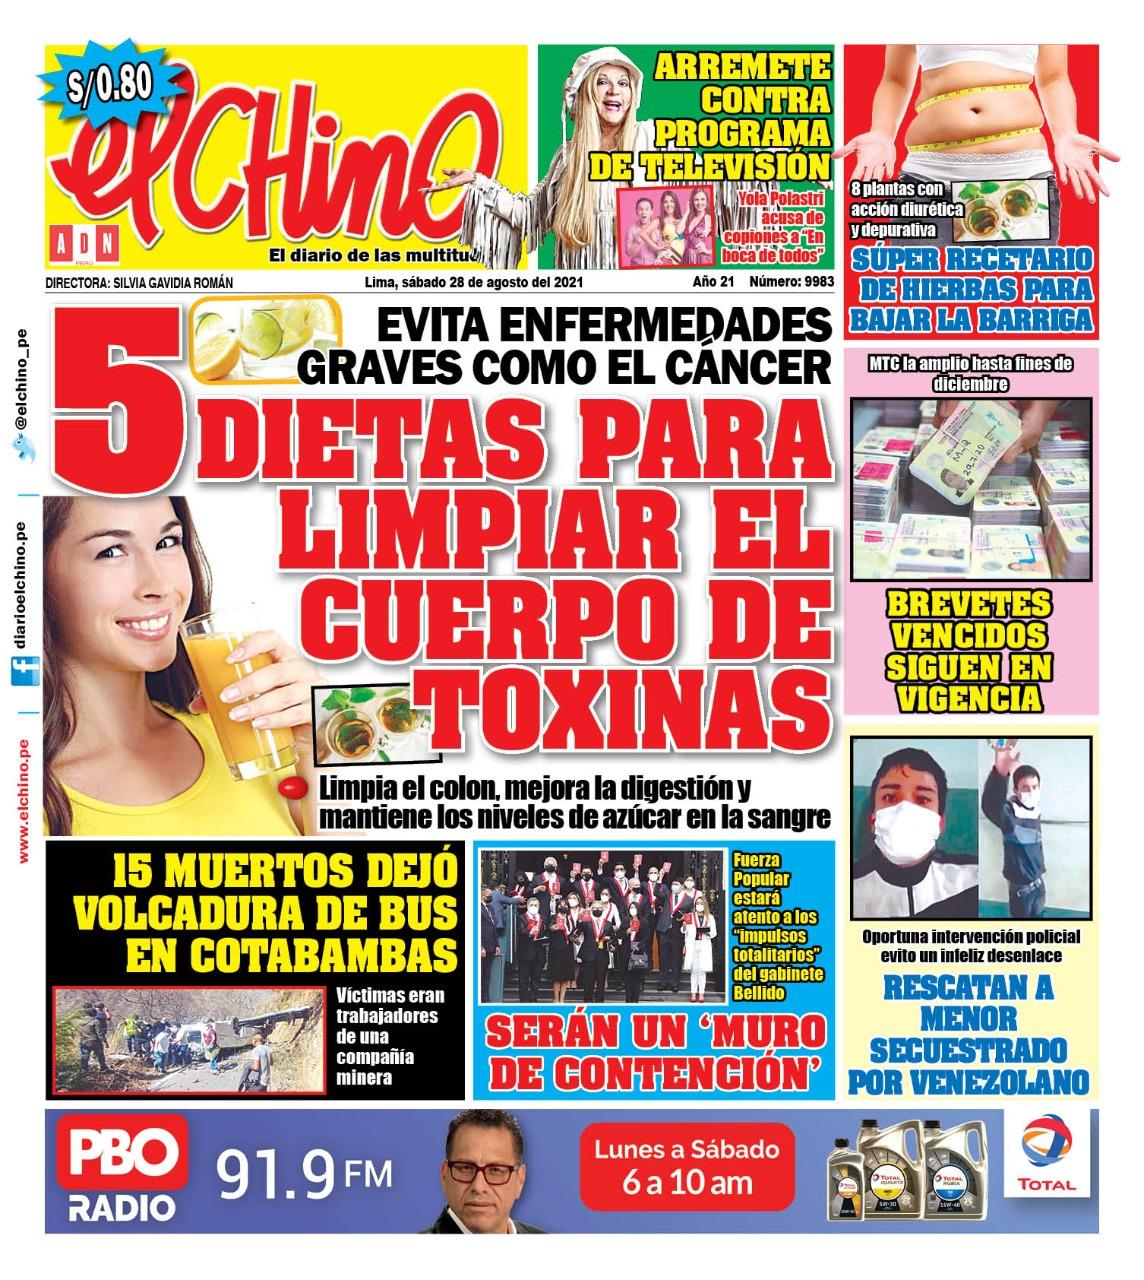 Portada impresa – Diario El Chino (28/08/2021)